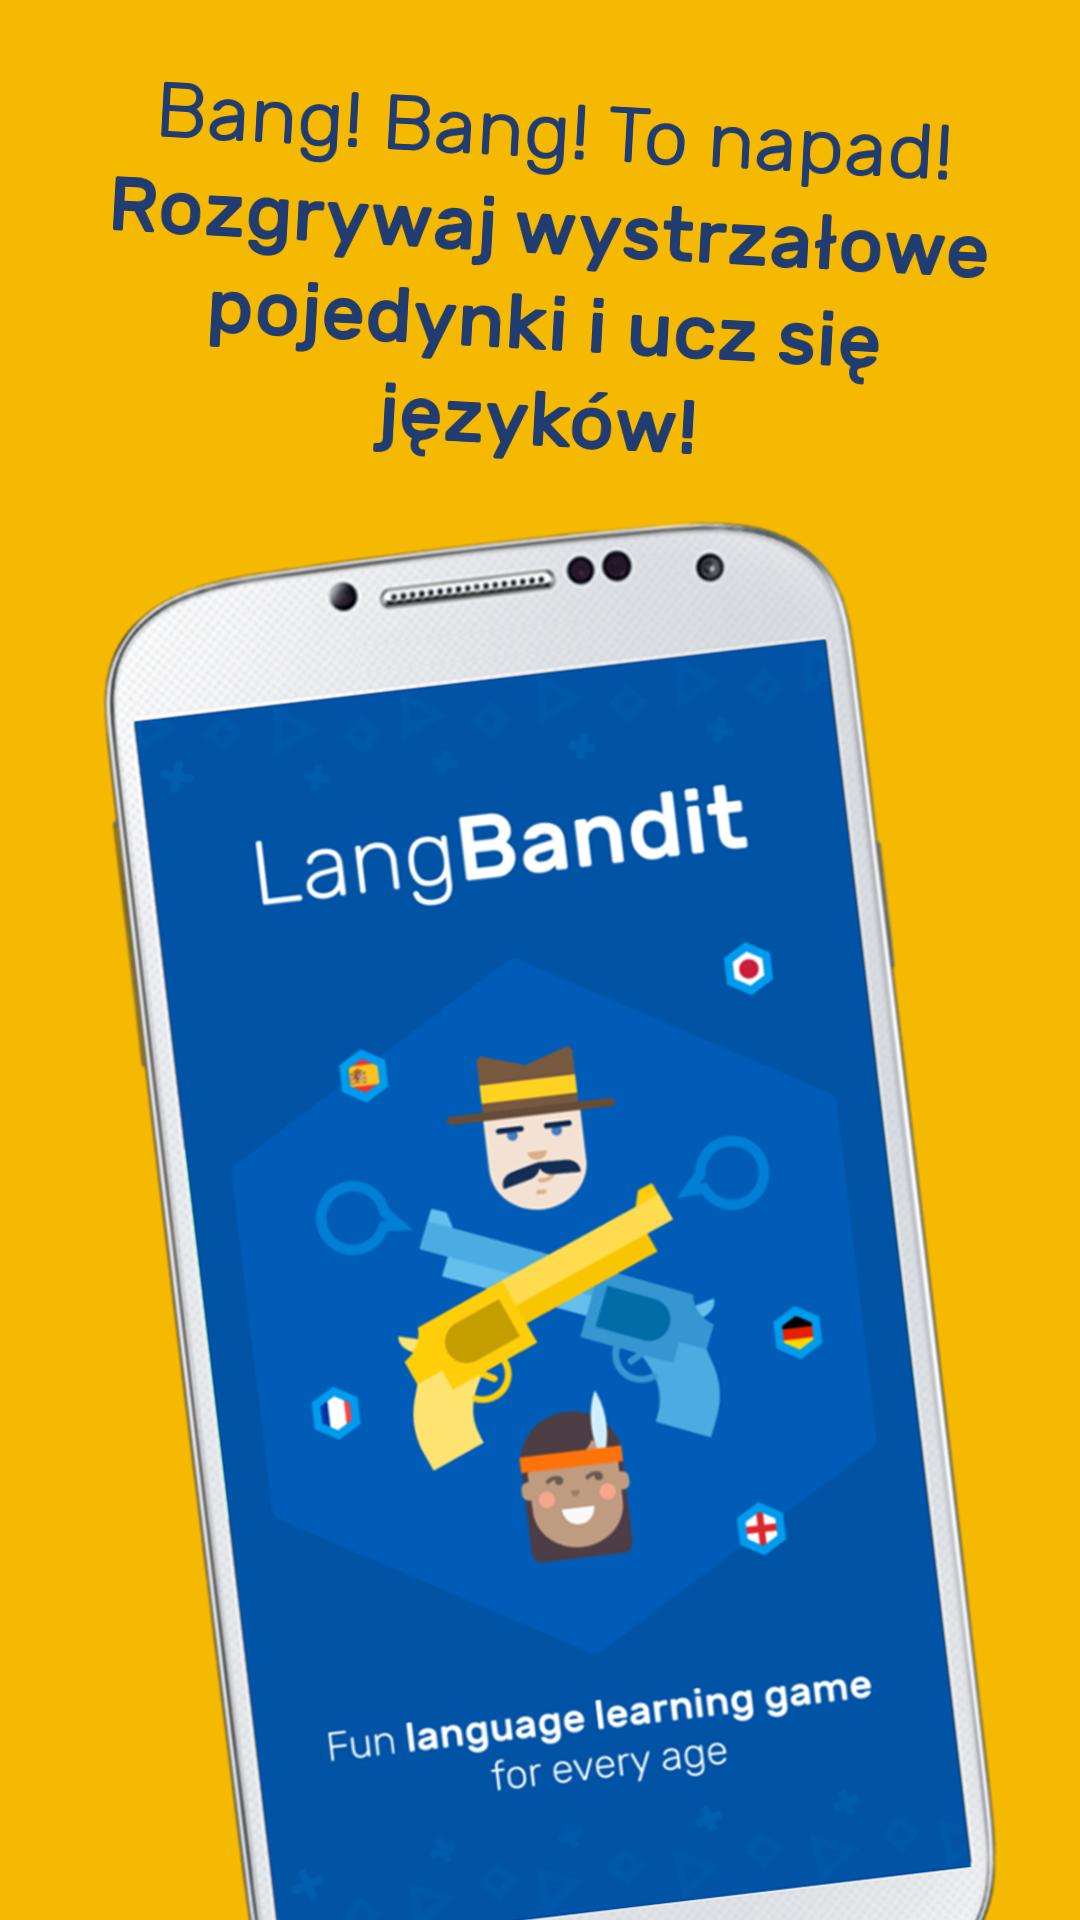 LangBandit - graj i ucz się języków - nauka języków online na telefonie